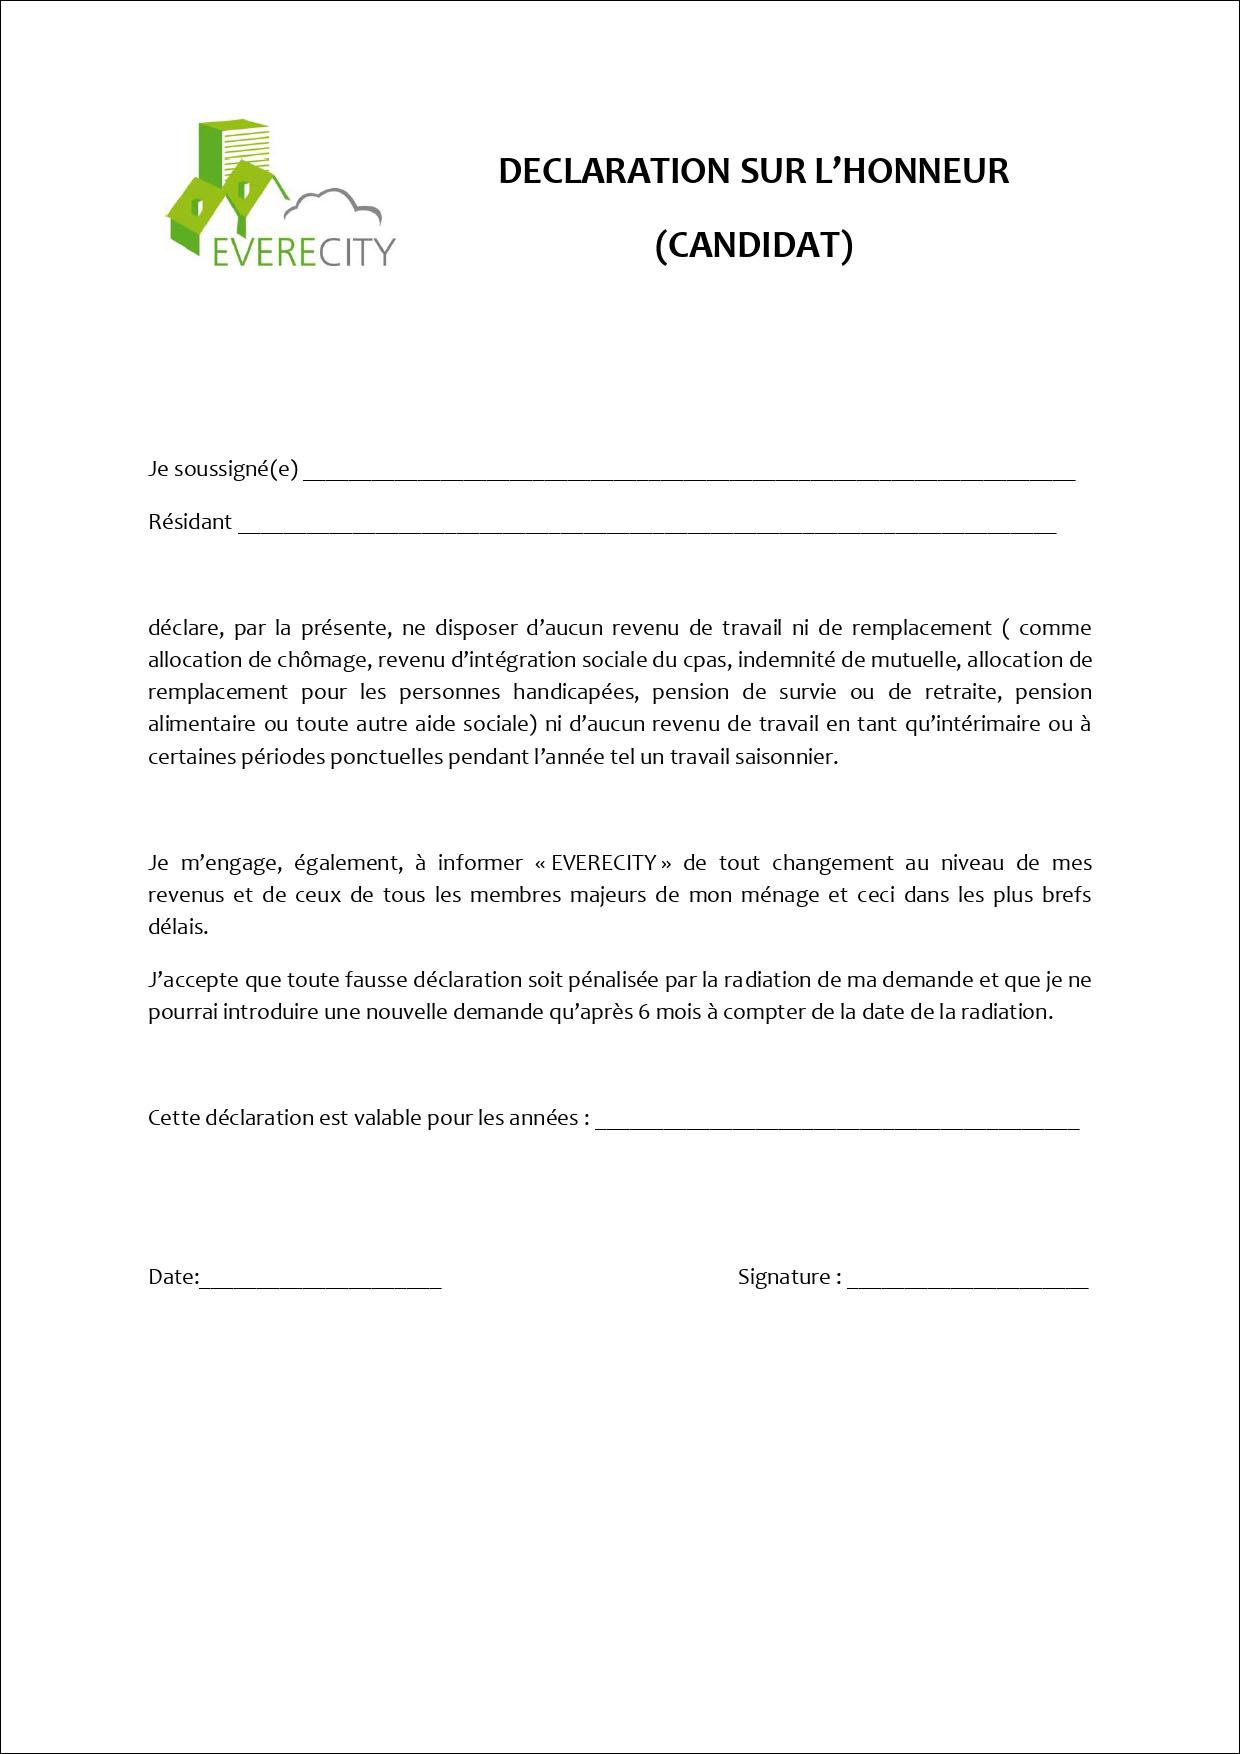 Déclaration sur l'honneur - Candidat